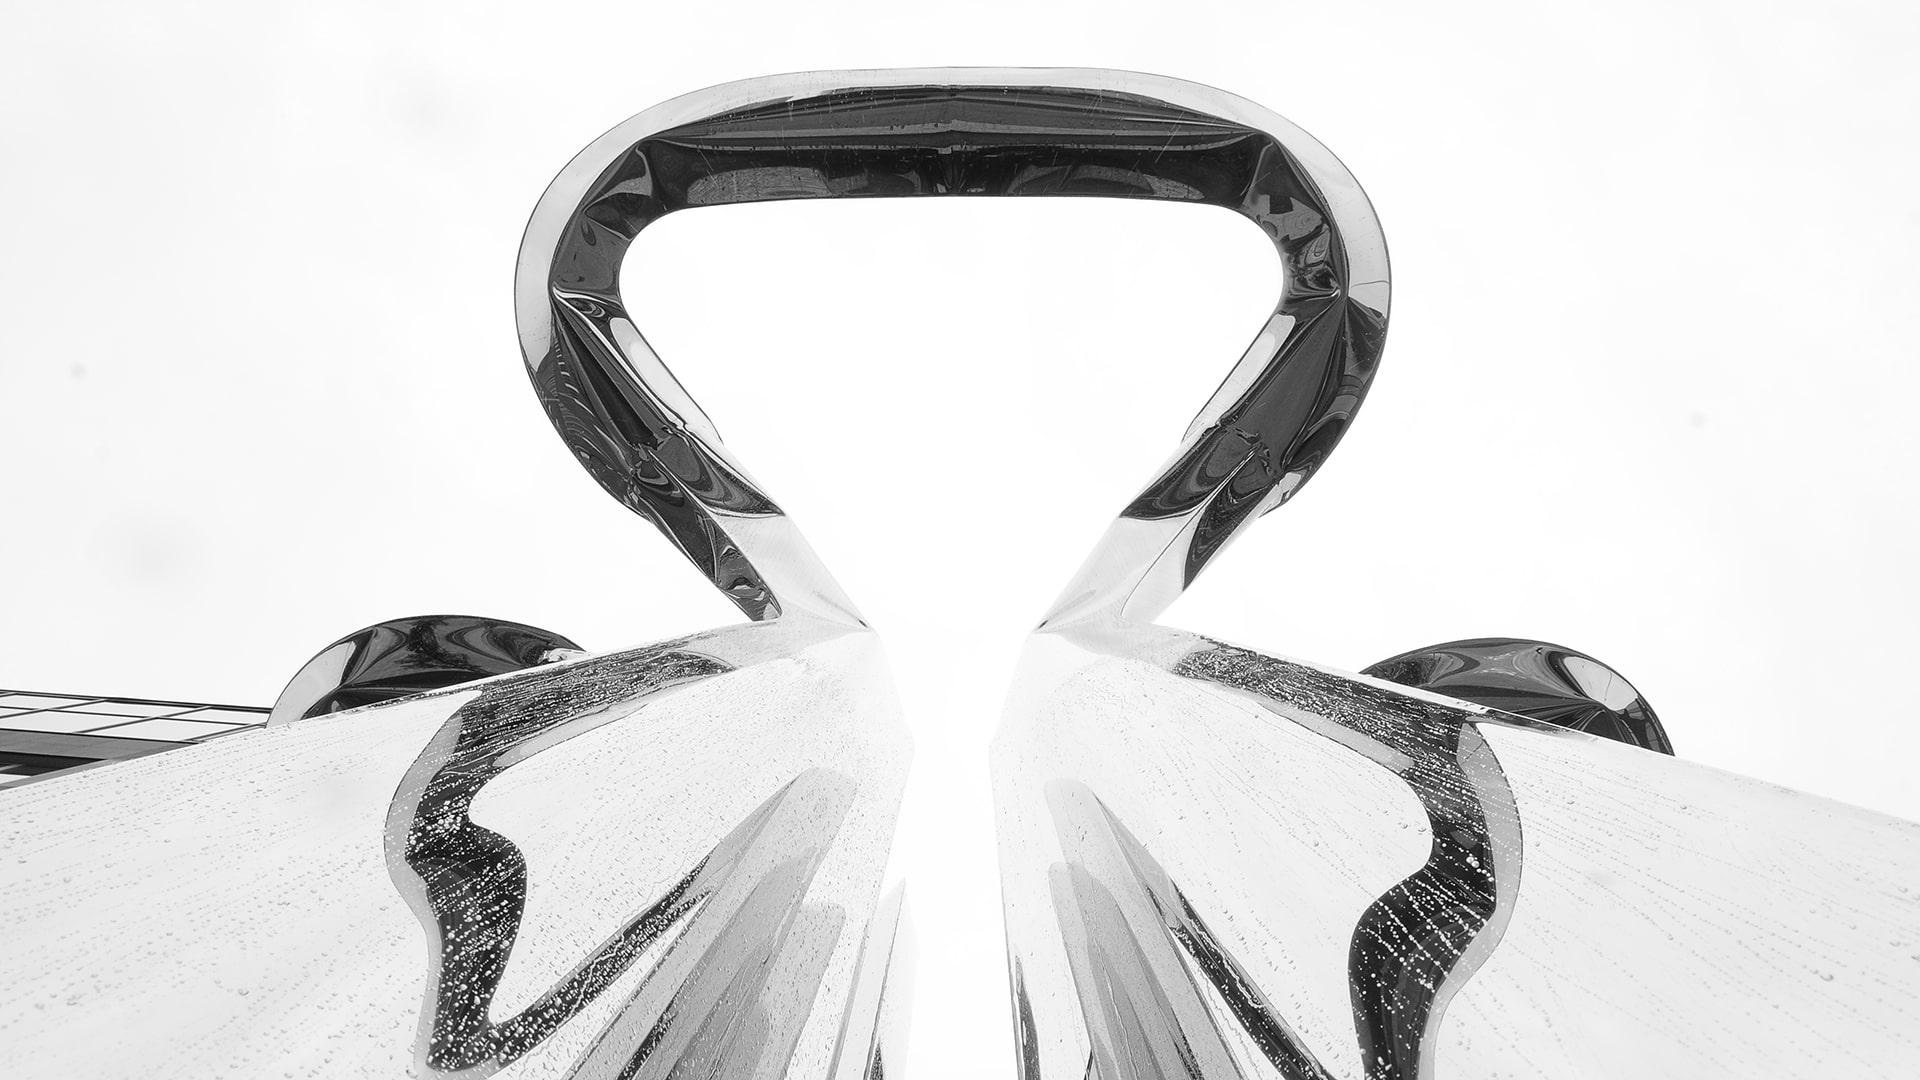 NAWA public sculpture by Oskar Zieta, public art, FiDU, inflated metal, öffentliche Skulptur, aufgeblasen metall, öffentliche Kunst